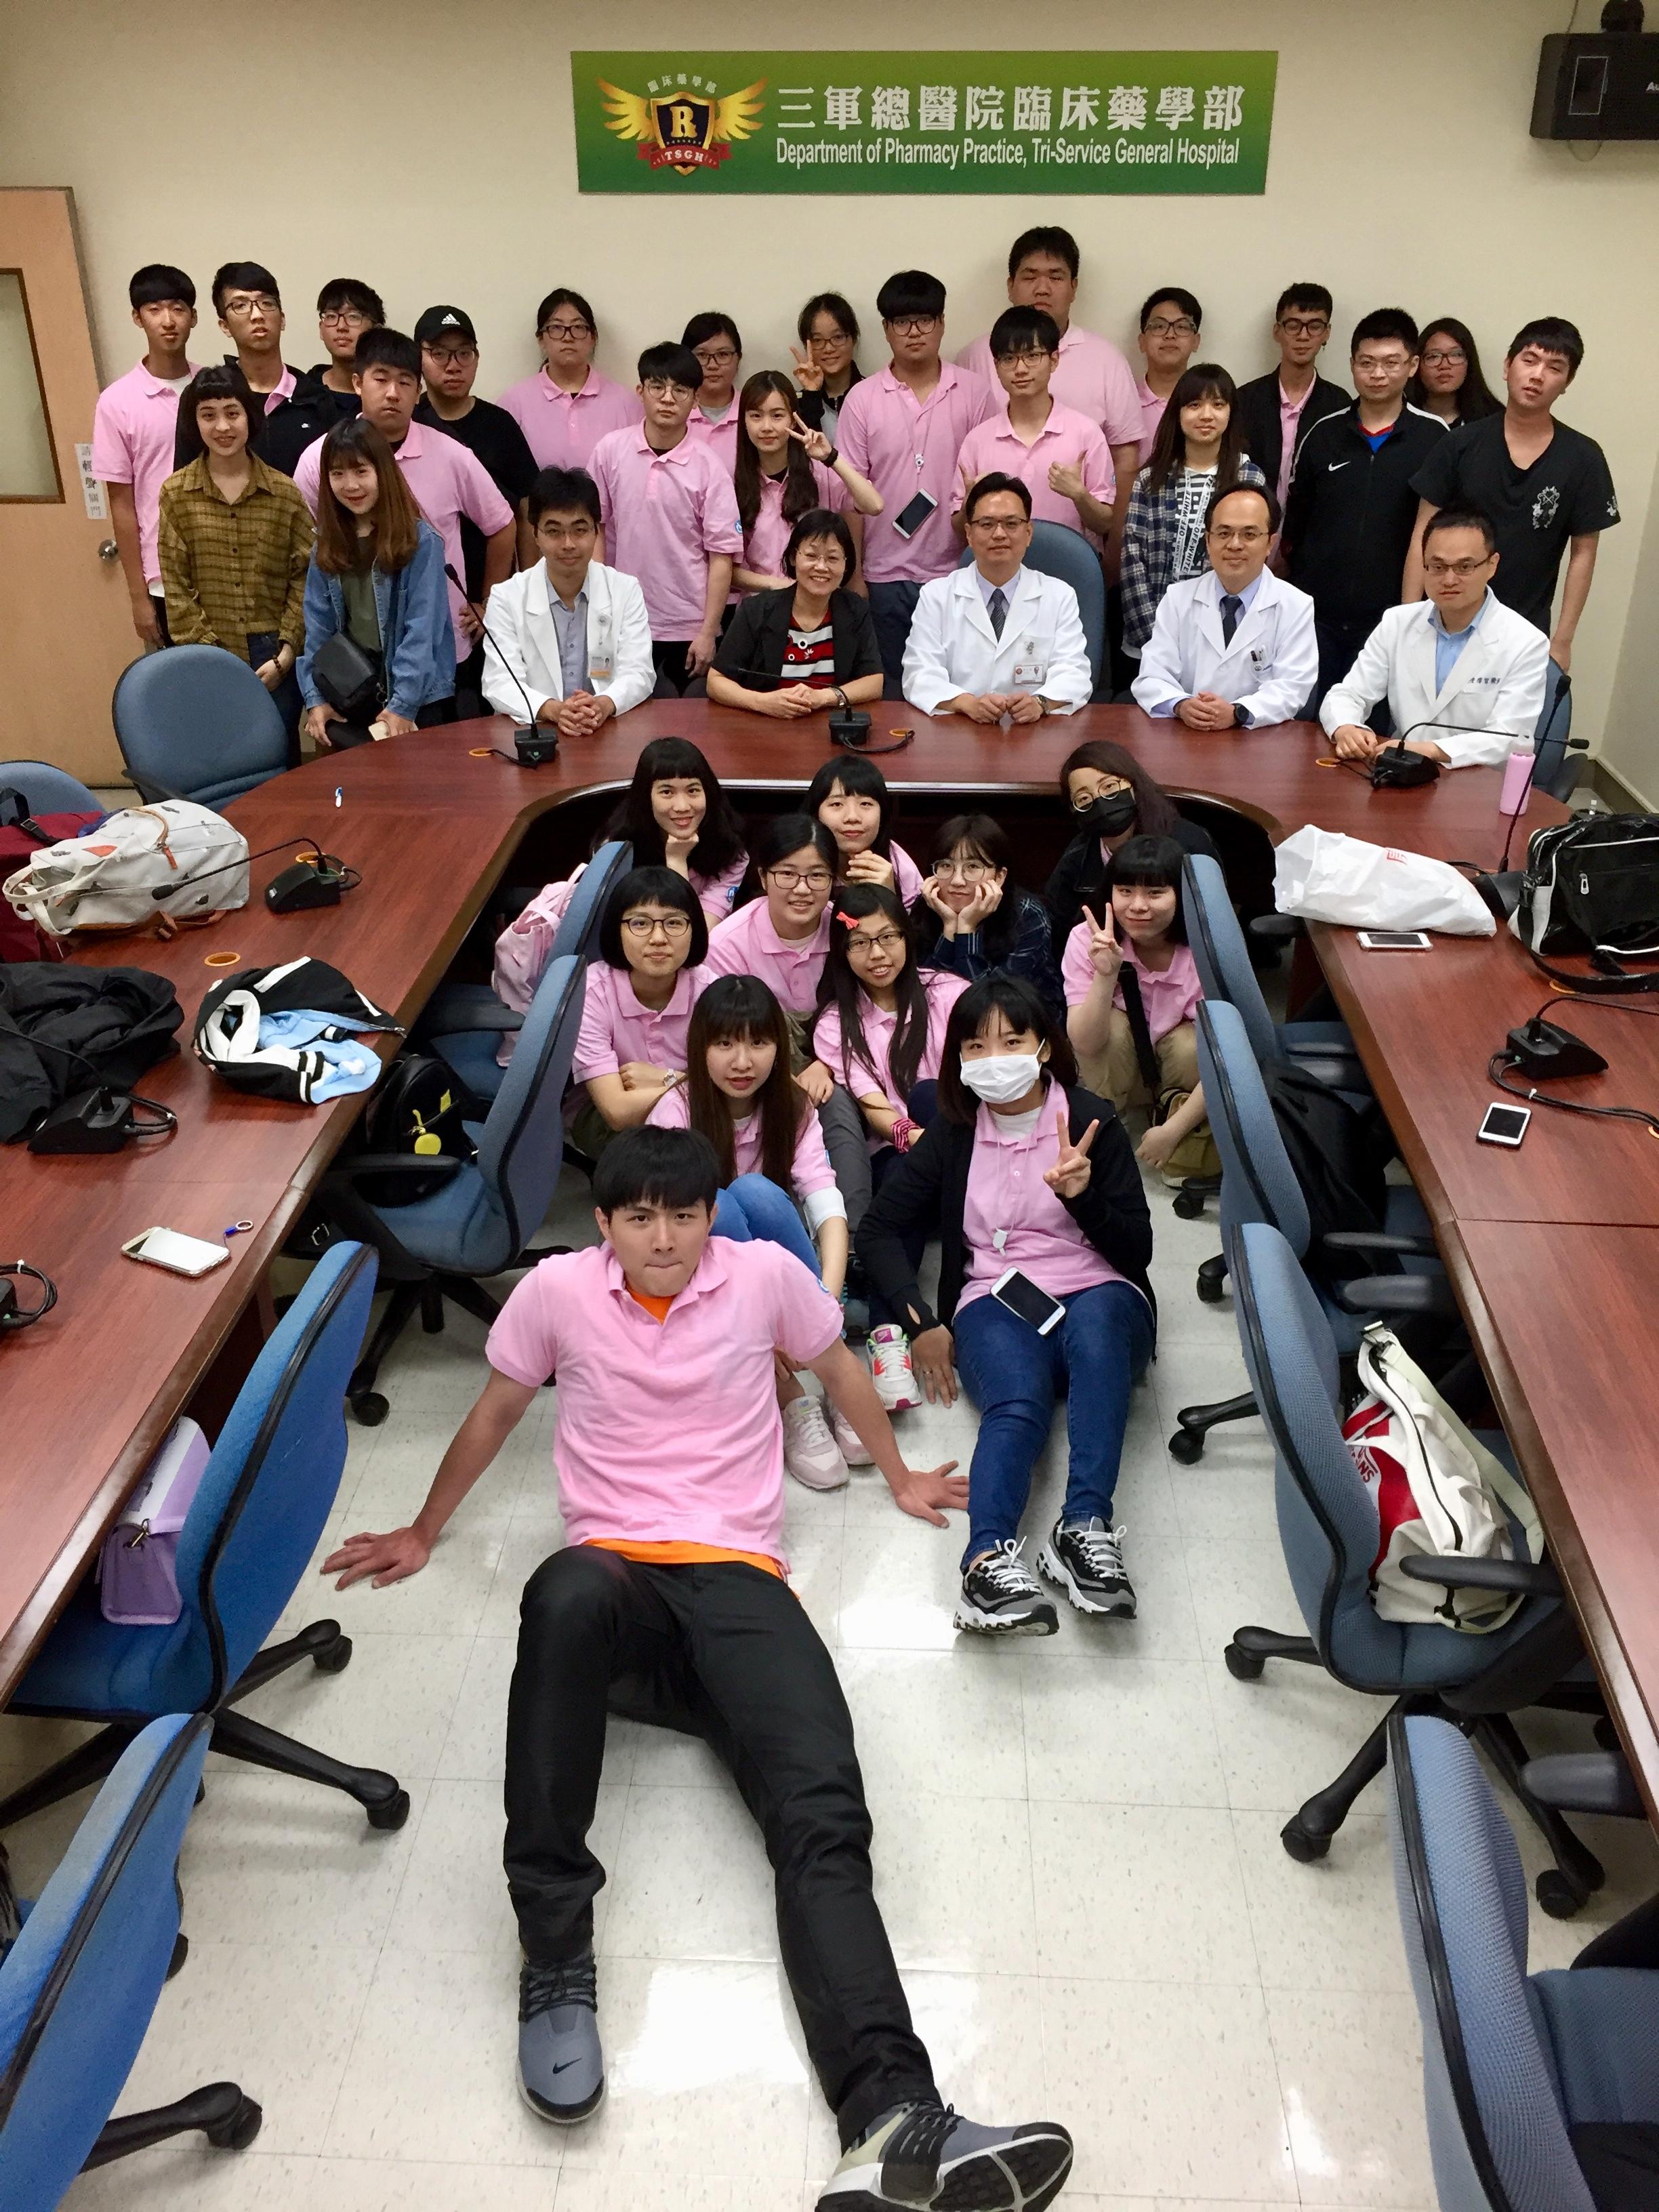 戶外教育活動及臨床藥學實務與用藥安全